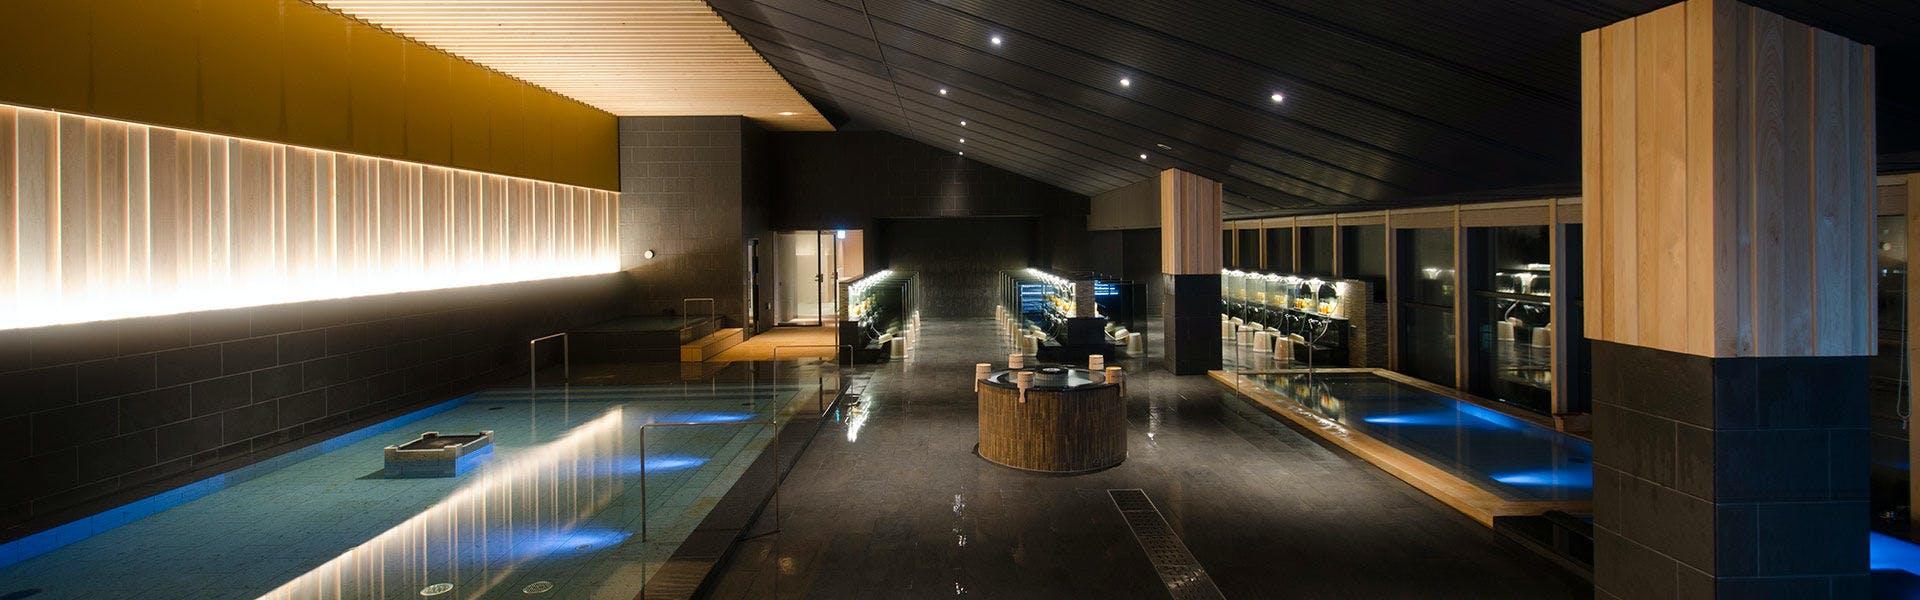 記念日におすすめのホテル・あわら温泉 グランディア芳泉の写真3